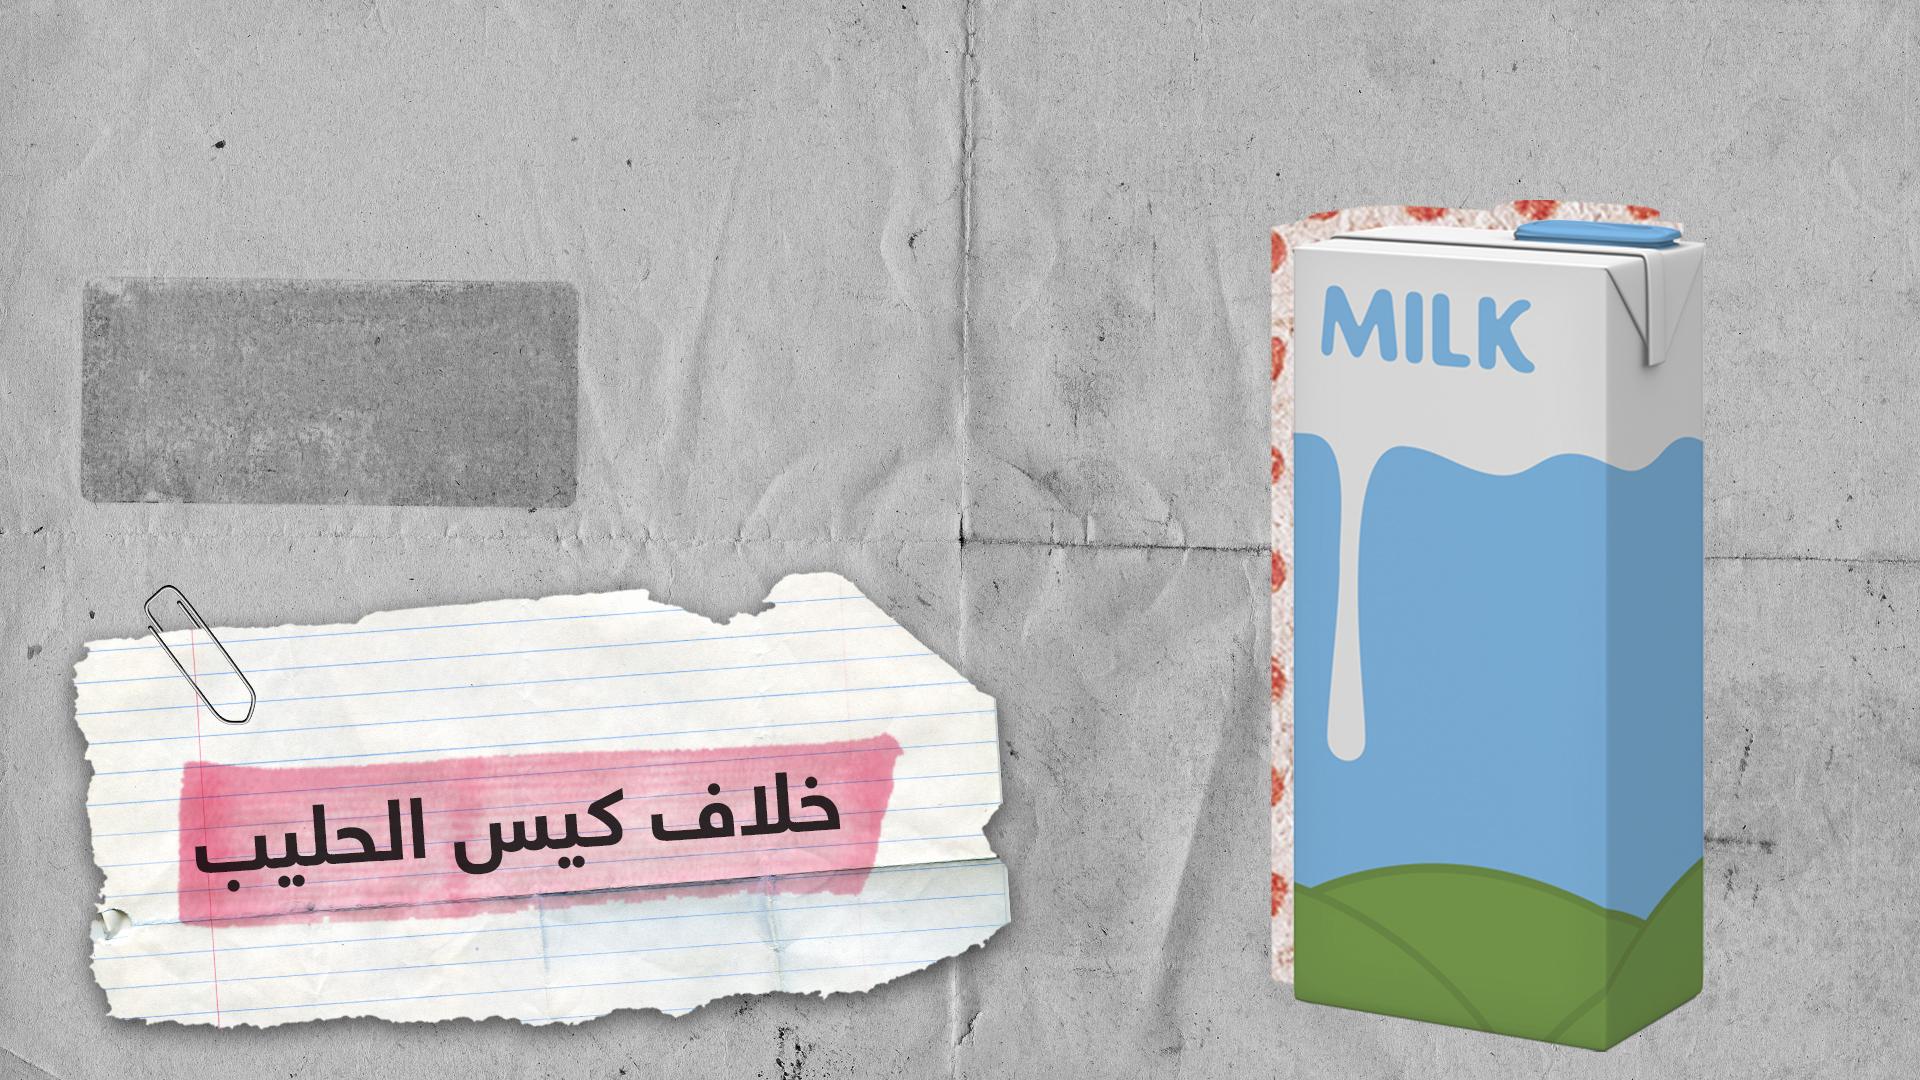 كيس حليب يشعل الجدل في لبنان